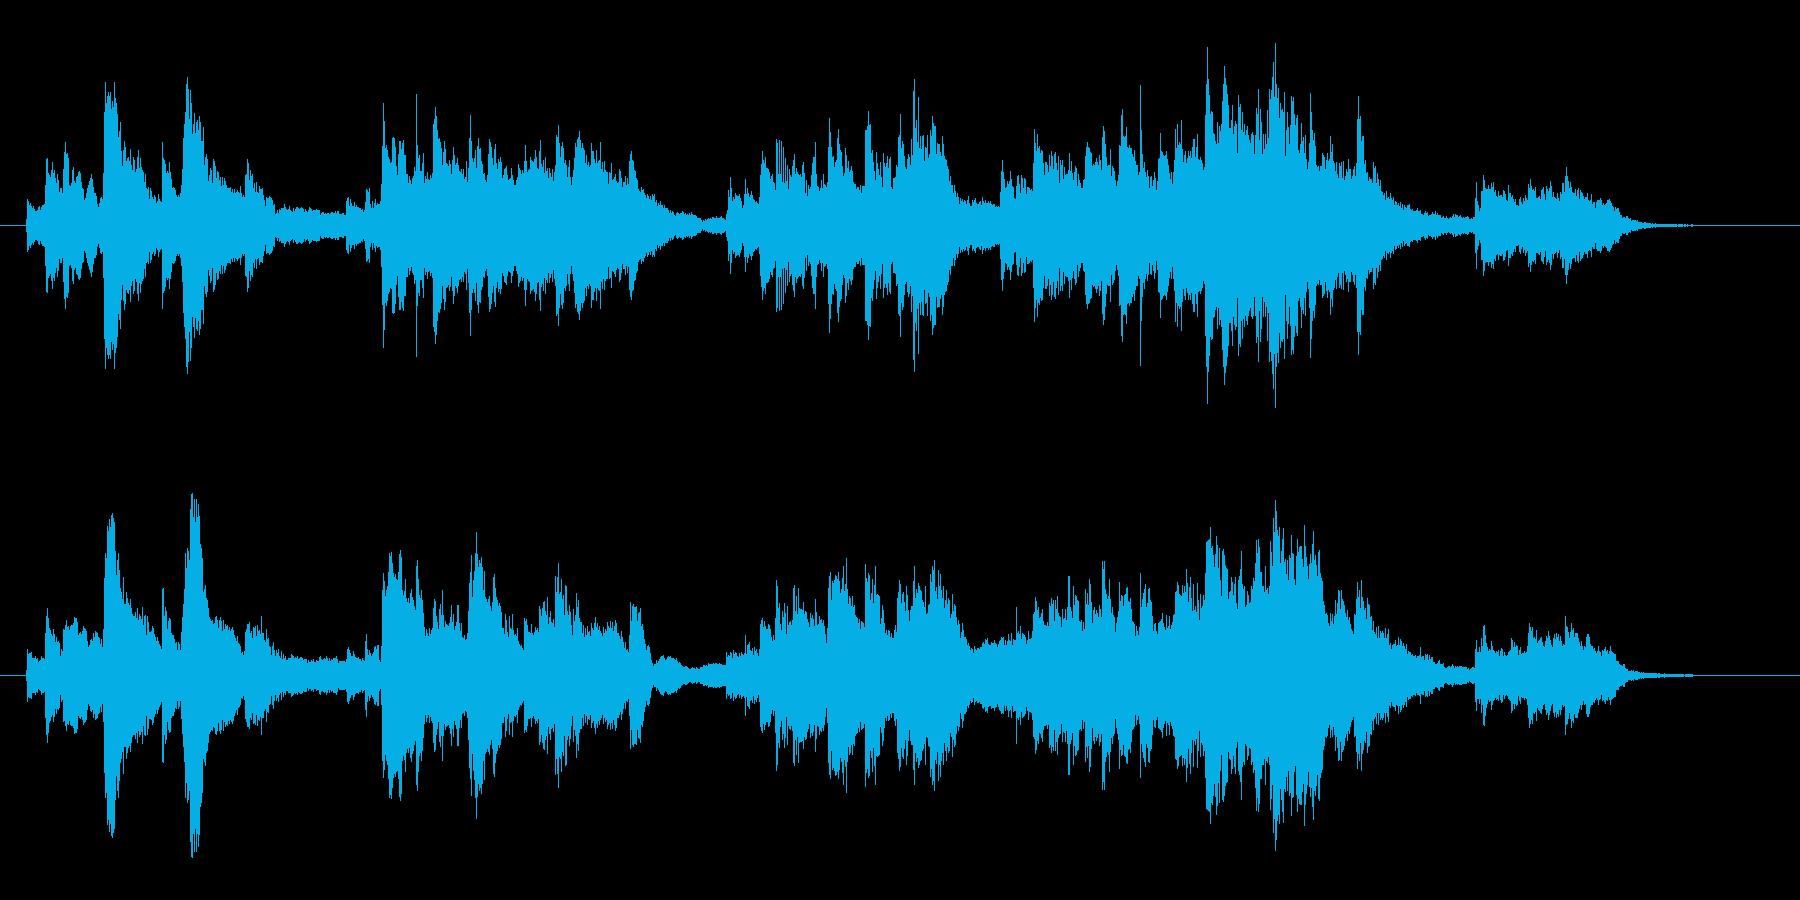 美しいバラード調ソロピアノ曲の再生済みの波形